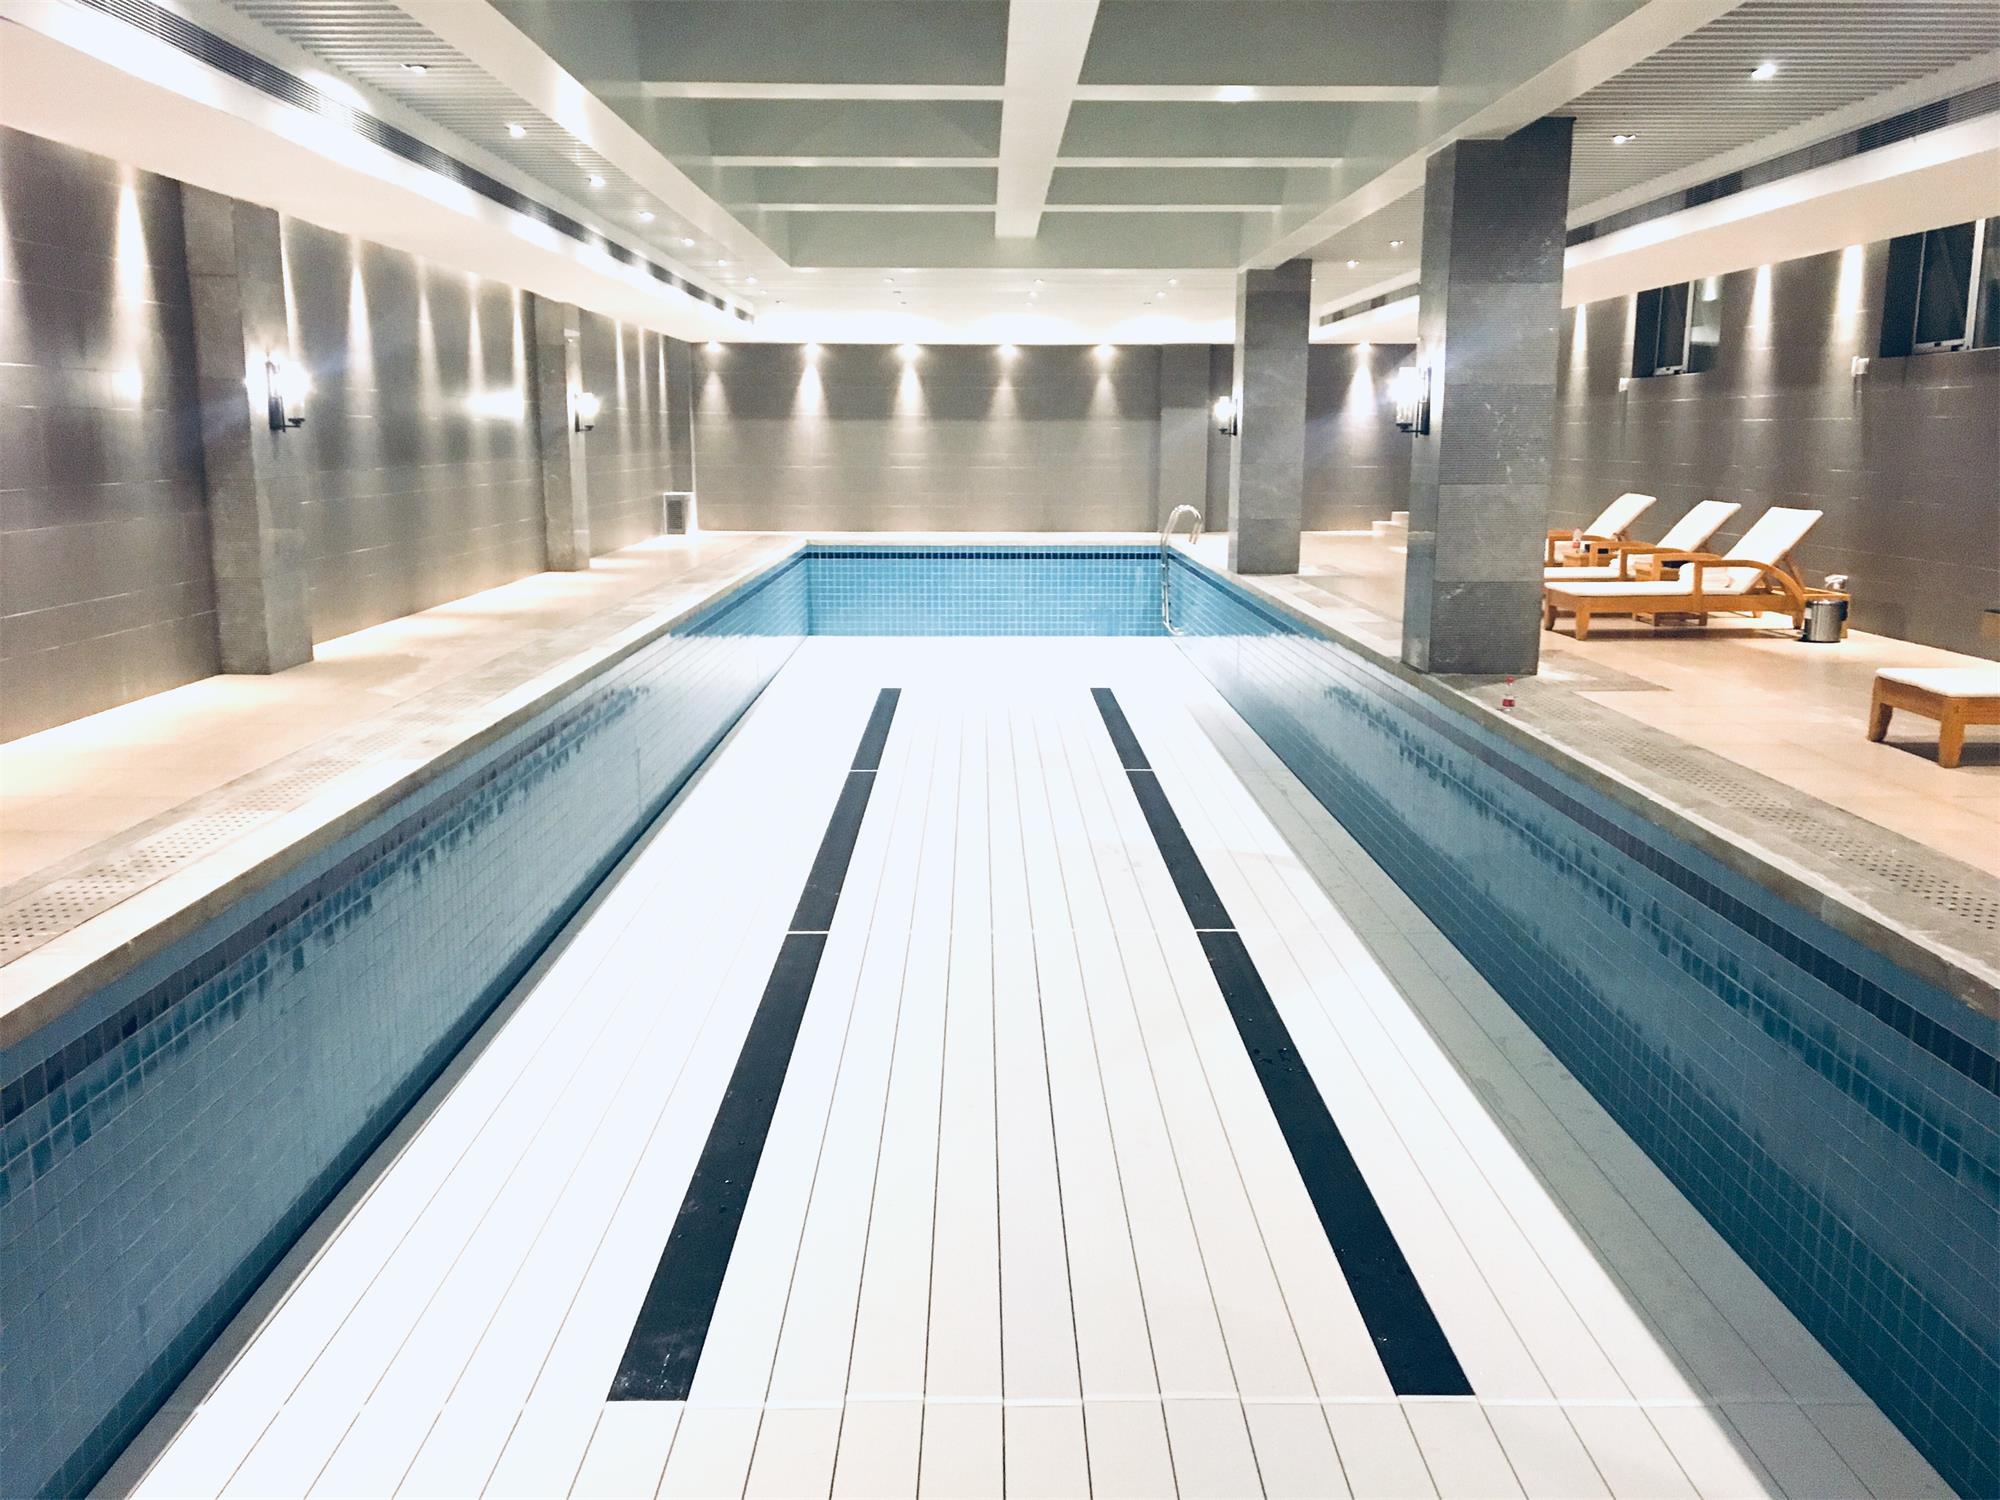 河北廊坊泳池垫层不带护栏平整全垫案例